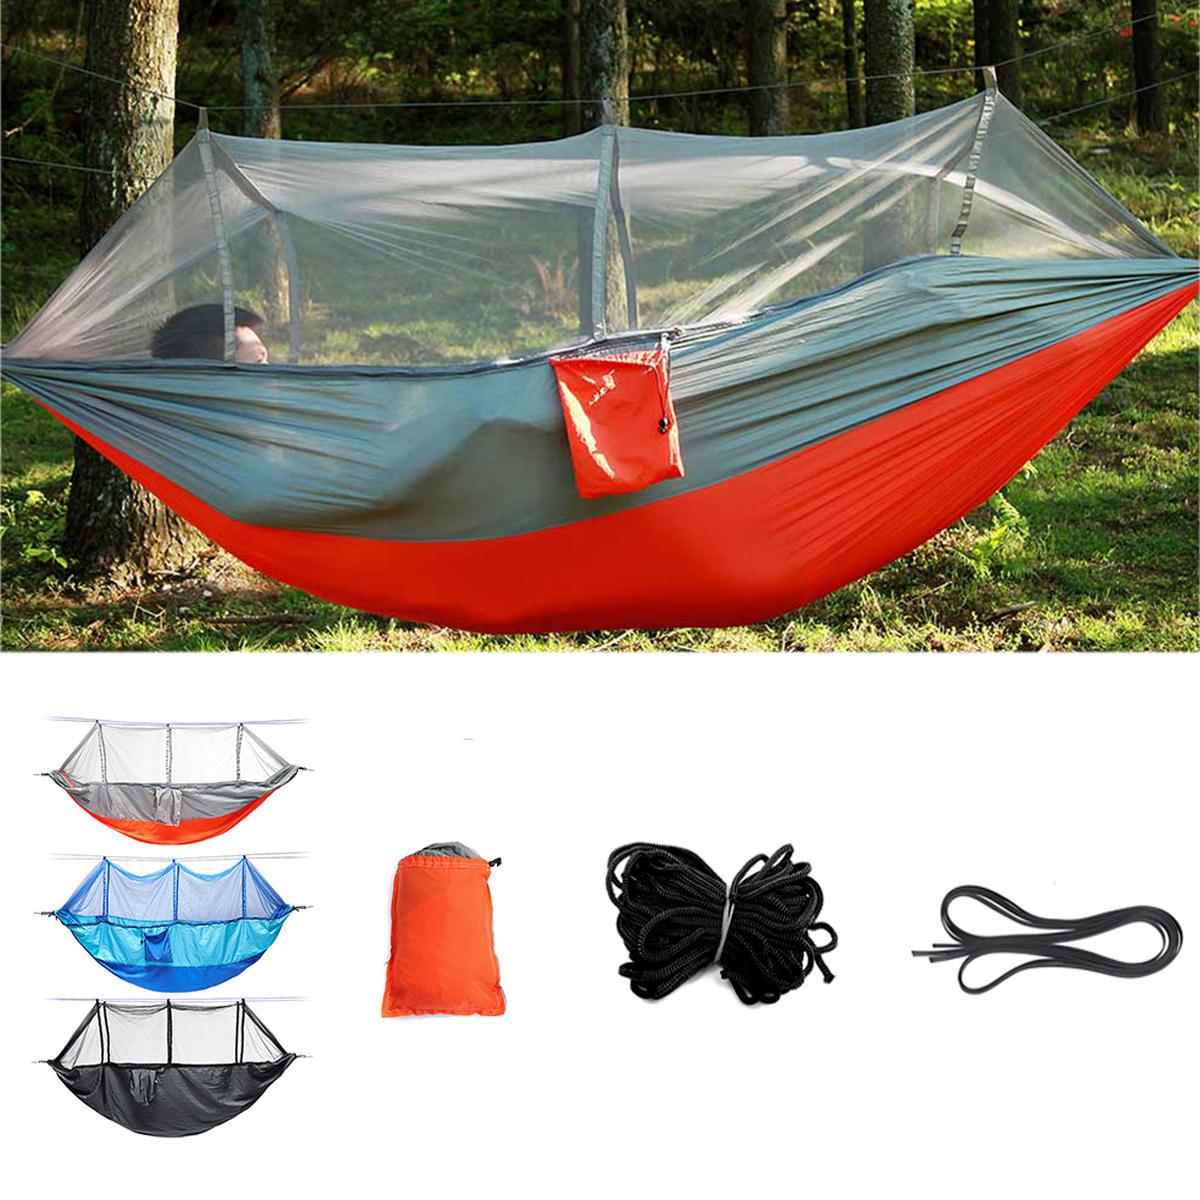 Outdoor Çift 2 Kişi Hamak Kampçılık Çadır Asılı Salıncak Yatağı Cibinlik